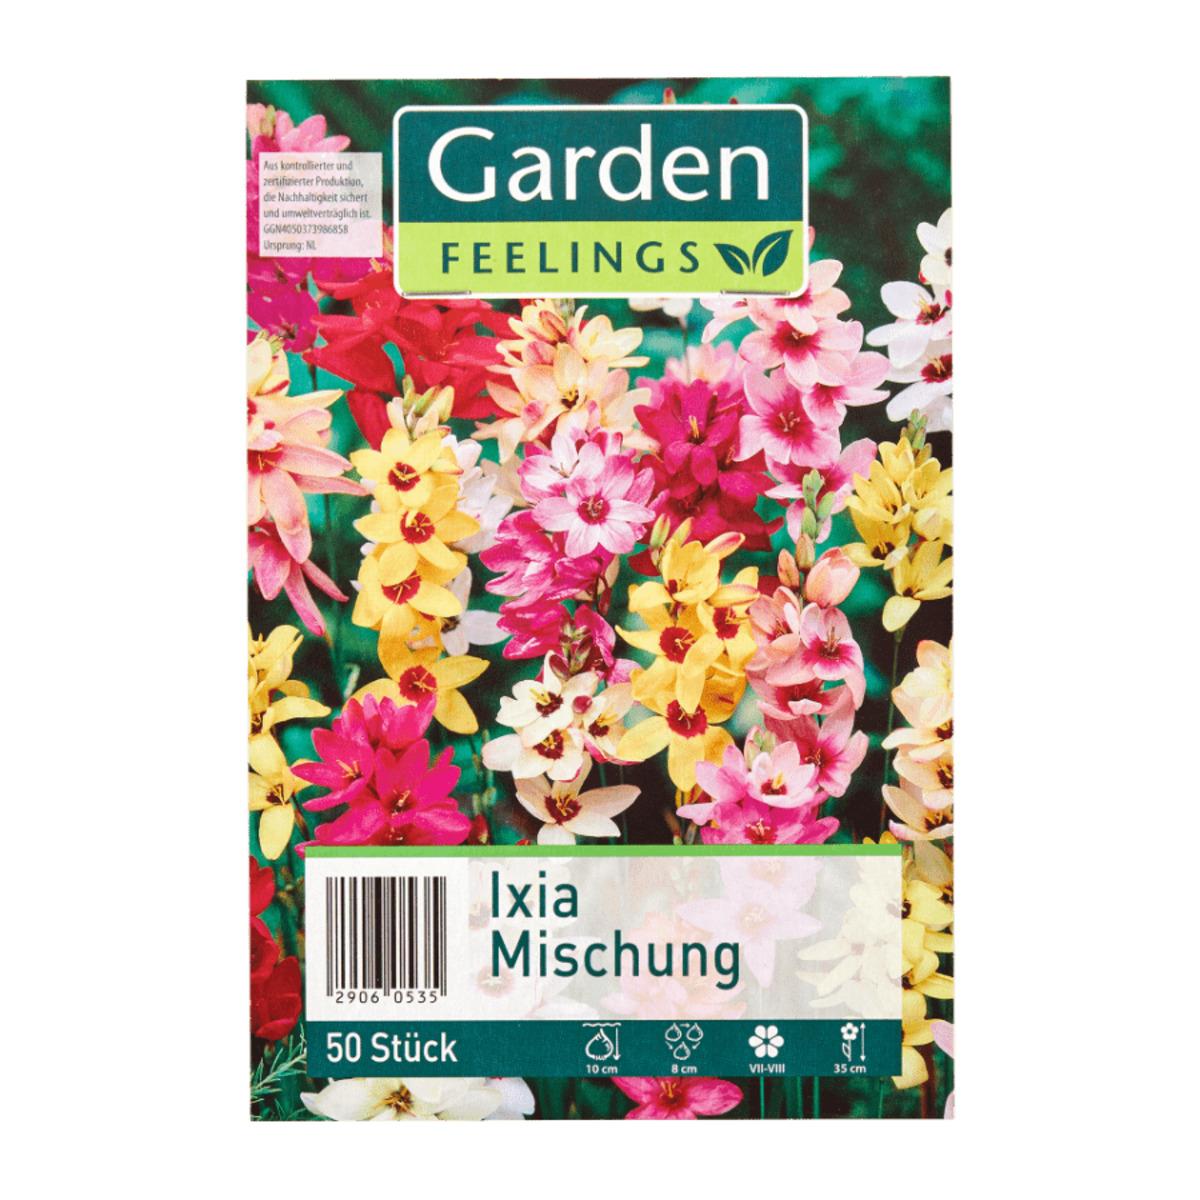 Bild 2 von GARDEN FEELINGS     Frühjahrsblumenzwiebeln